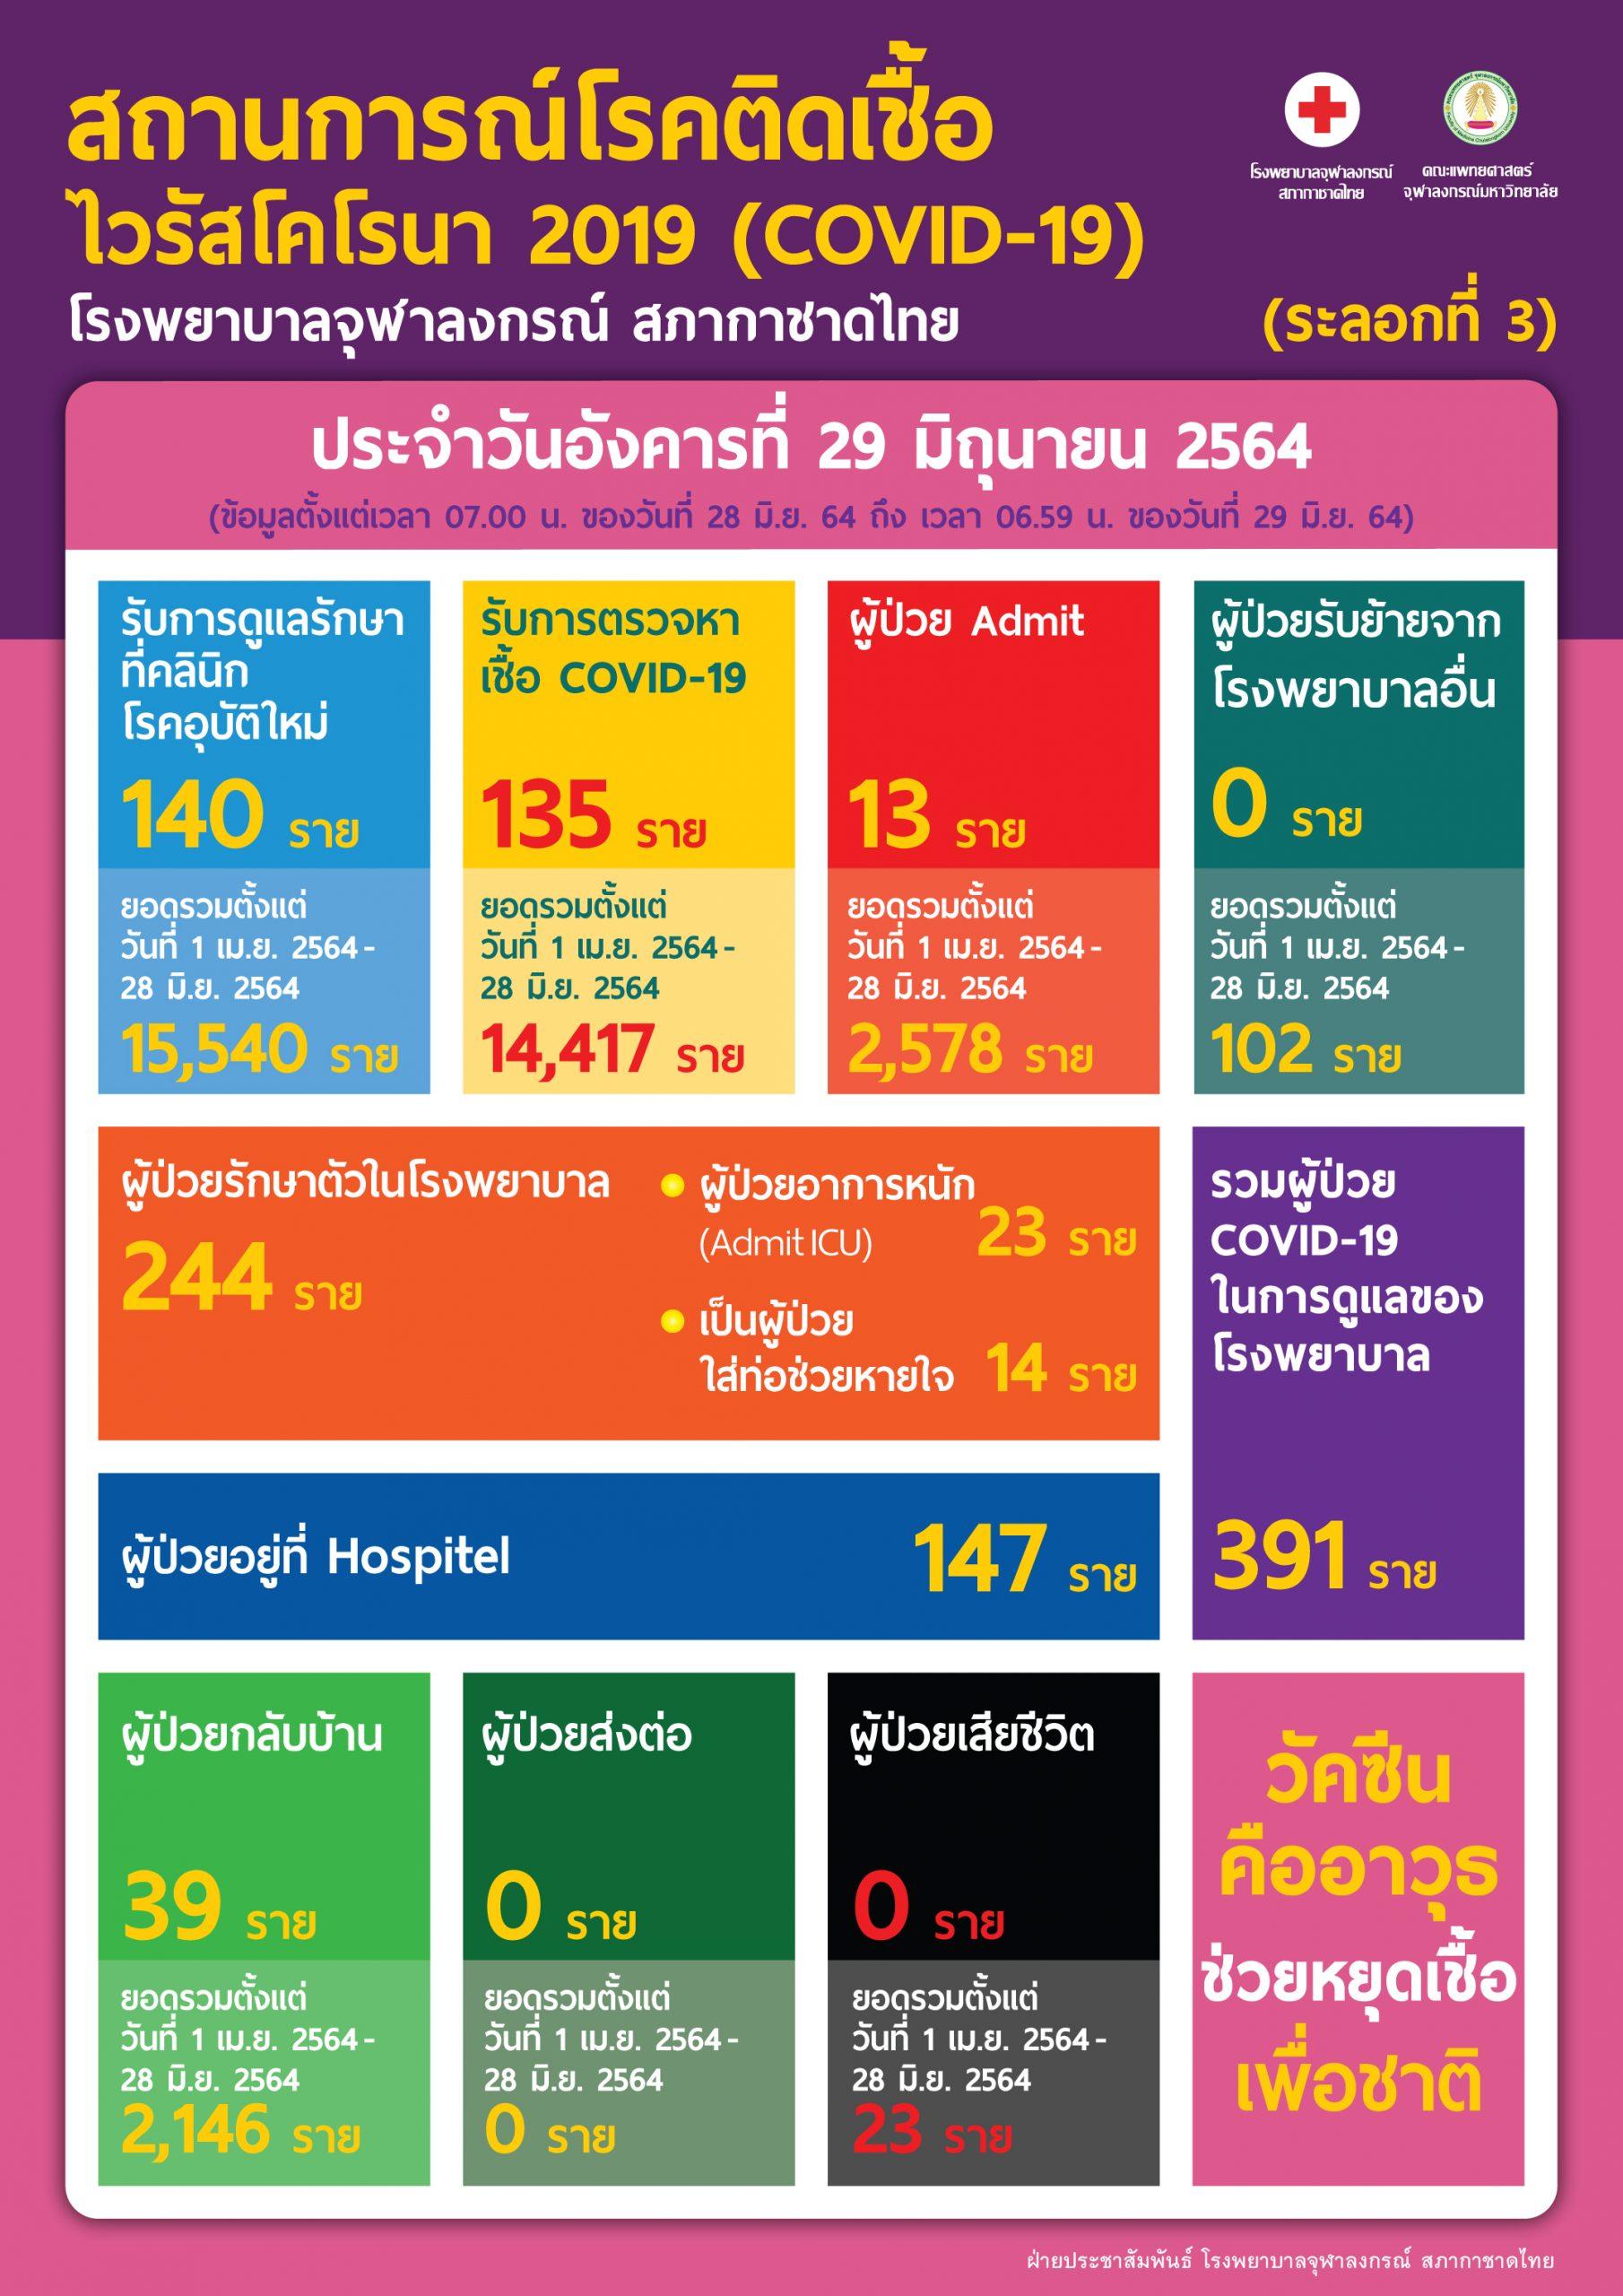 สถานการณ์โรคติดเชื้อไวรัสโคโรนา 2019 (COVID-19) (ระลอกที่ 3)  โรงพยาบาลจุฬาลงกรณ์ สภากาชาดไทย ประจำวันอังคารที่ 29 มิถุนายน 2564